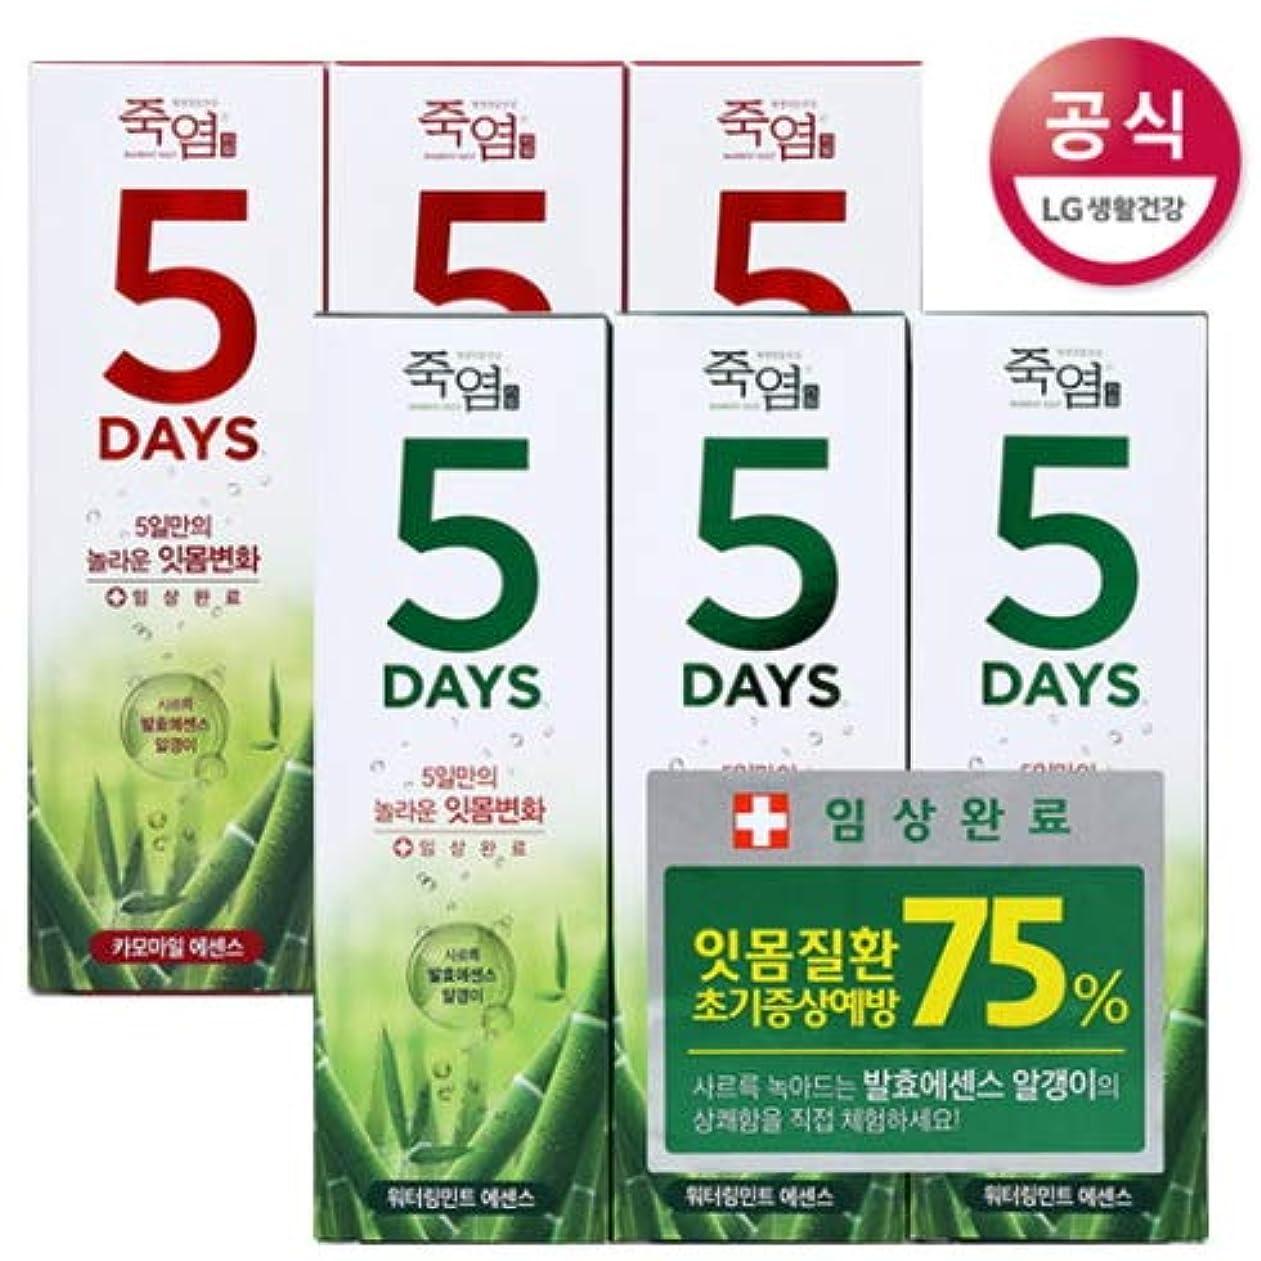 情緒的アノイテクニカル[LG HnB] Bamboo Salt 5days Toothpaste /竹塩5days歯磨き粉 100gx6個(海外直送品)